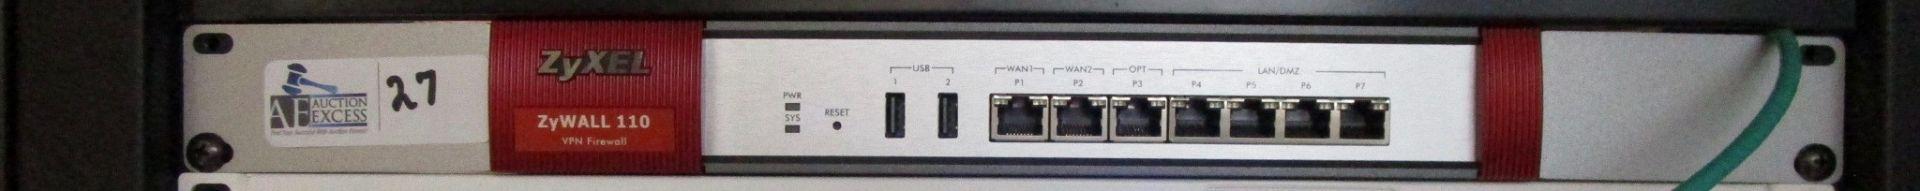 Lot 27 - ZYXEL VPN FIREWALL